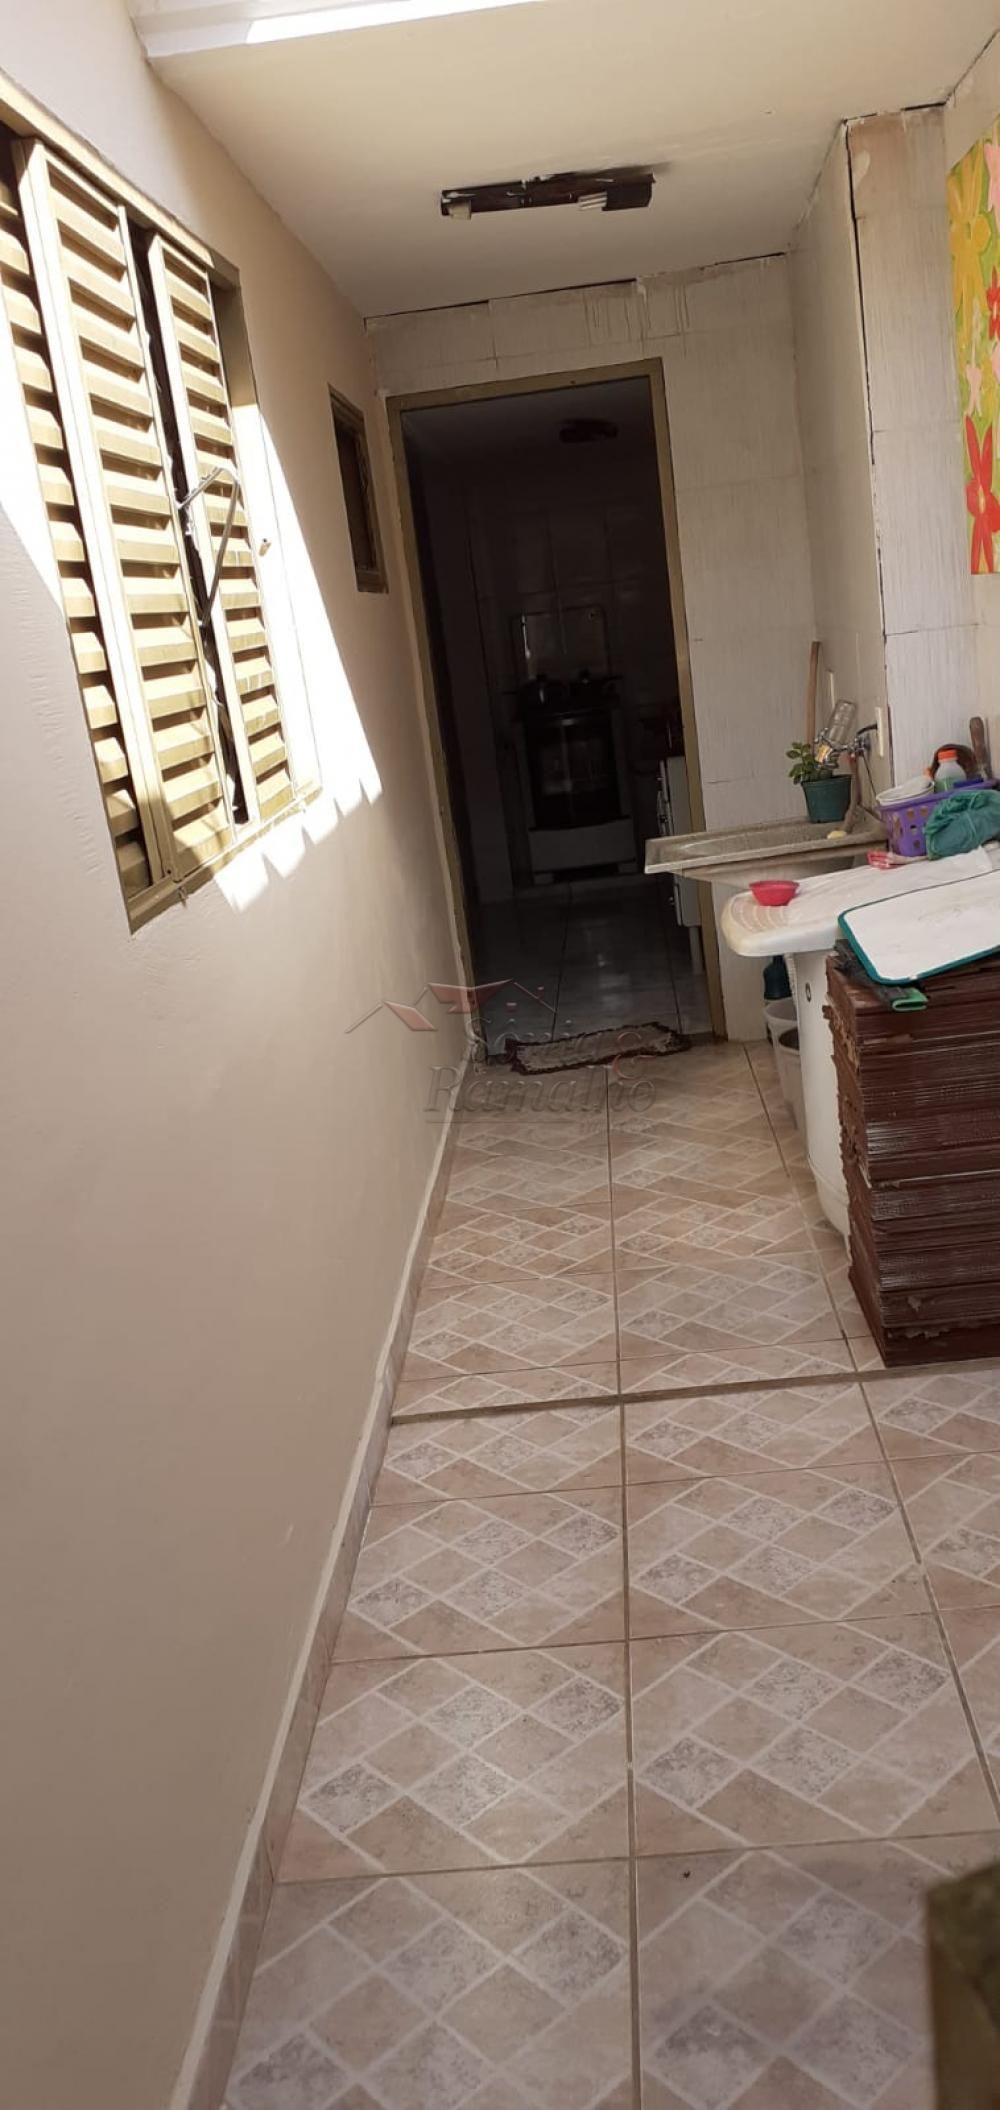 Comprar Casas / Padrão em Ribeirão Preto apenas R$ 200.000,00 - Foto 14